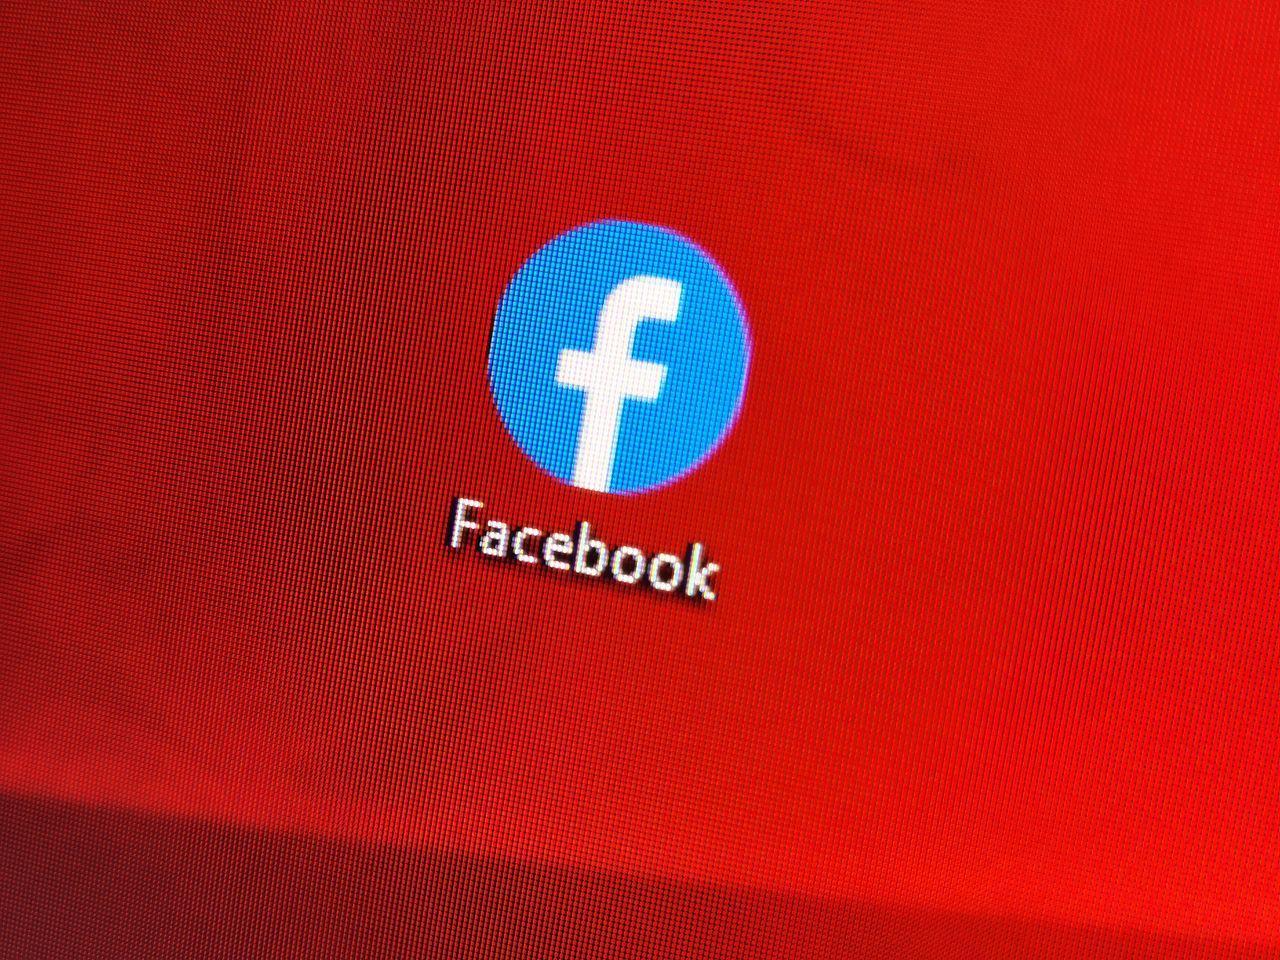 Wyciek danych z Facebooka. Lada chwila pojawią się ataki typu spear phishing - fot. dobreprogramy